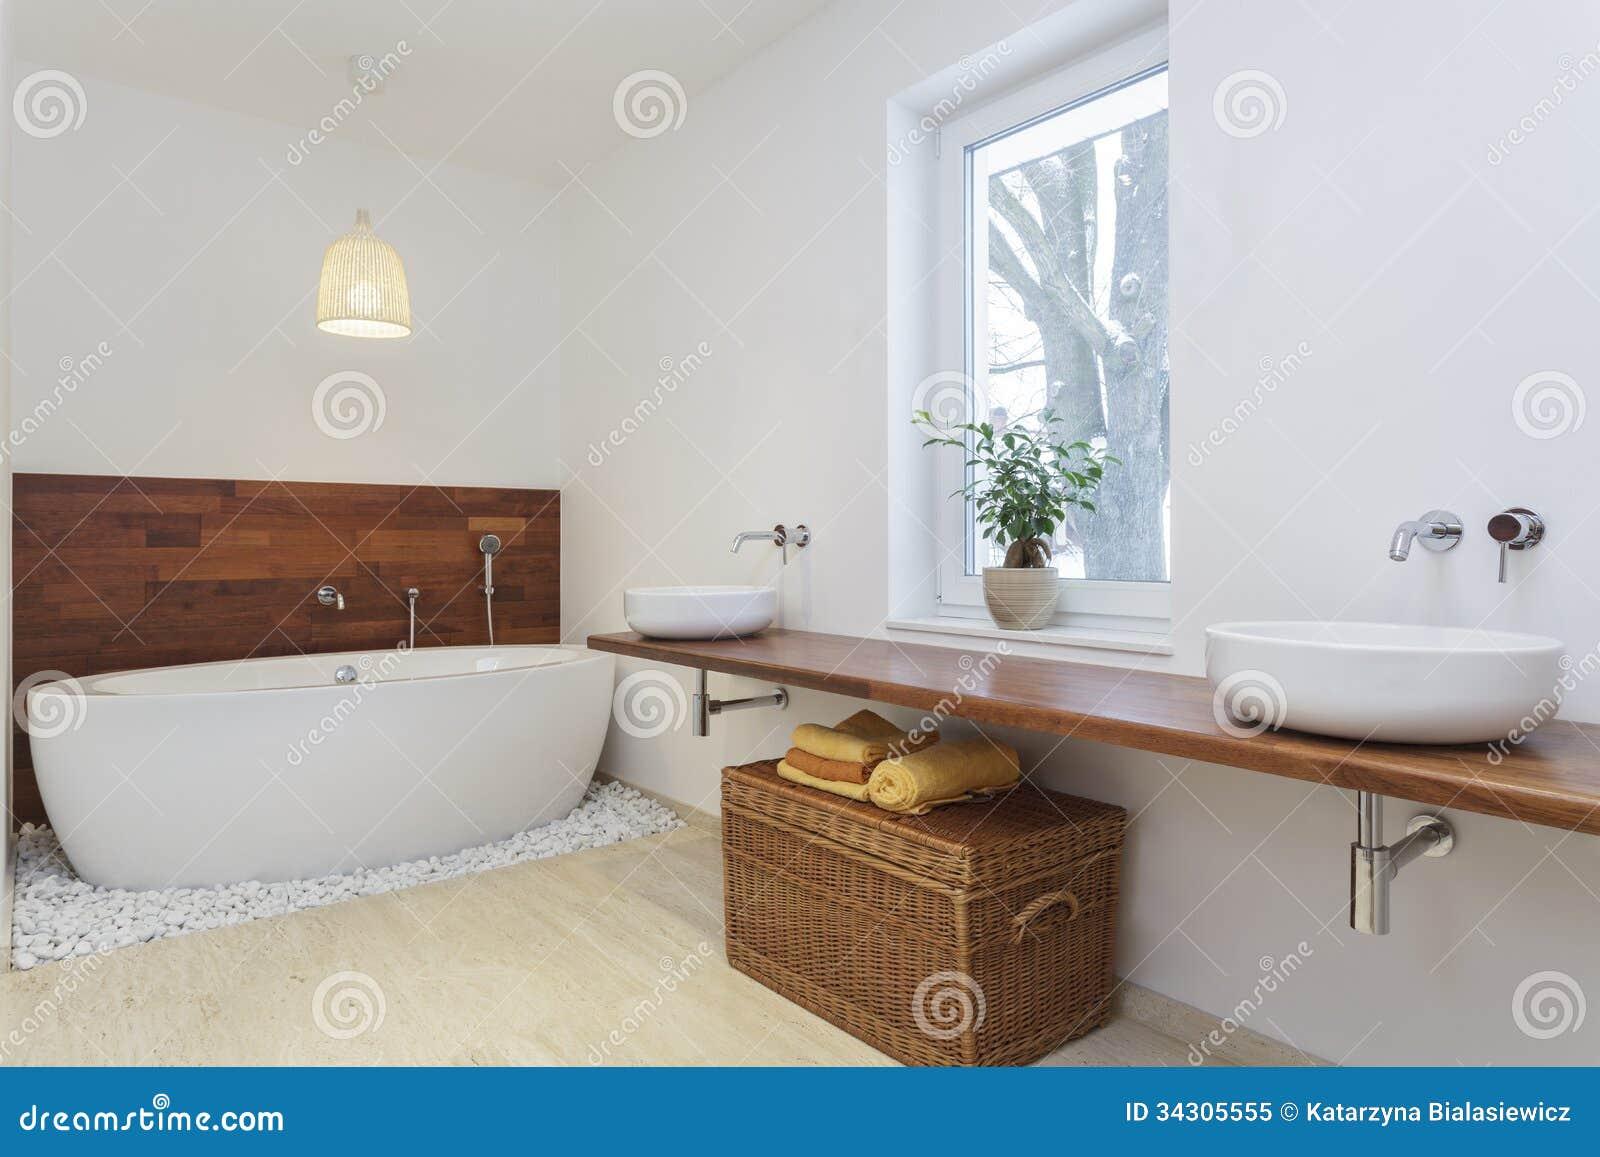 Afrikanisches badezimmer lizenzfreies stockfoto bild 34305555 - Holzwand fliesen ...